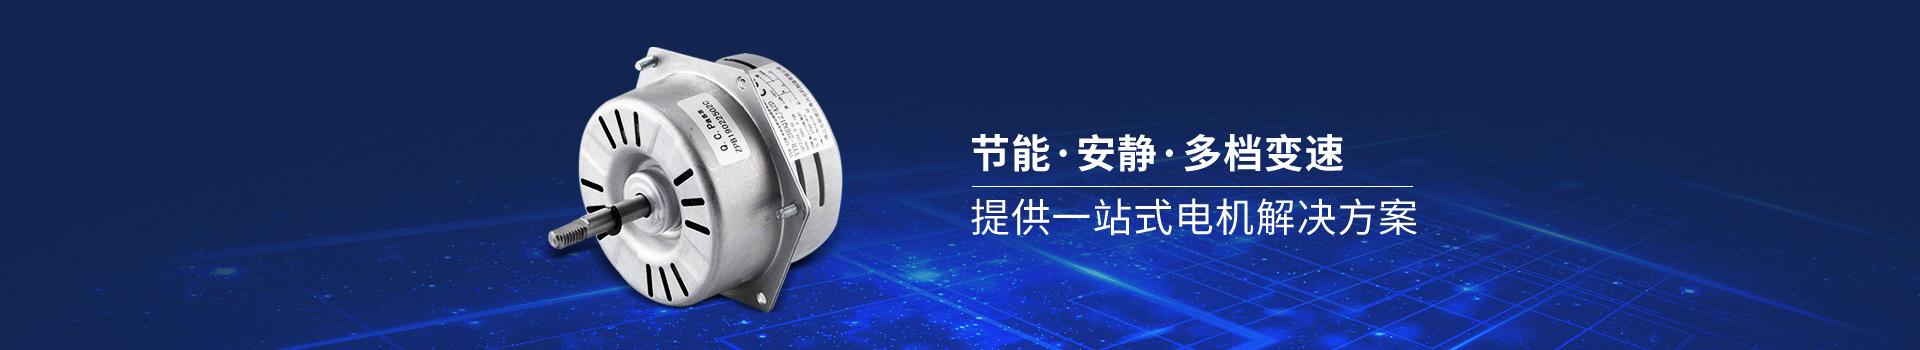 佛山粤风电机-节能、安静、多档变速、提供一站式电机解决方案